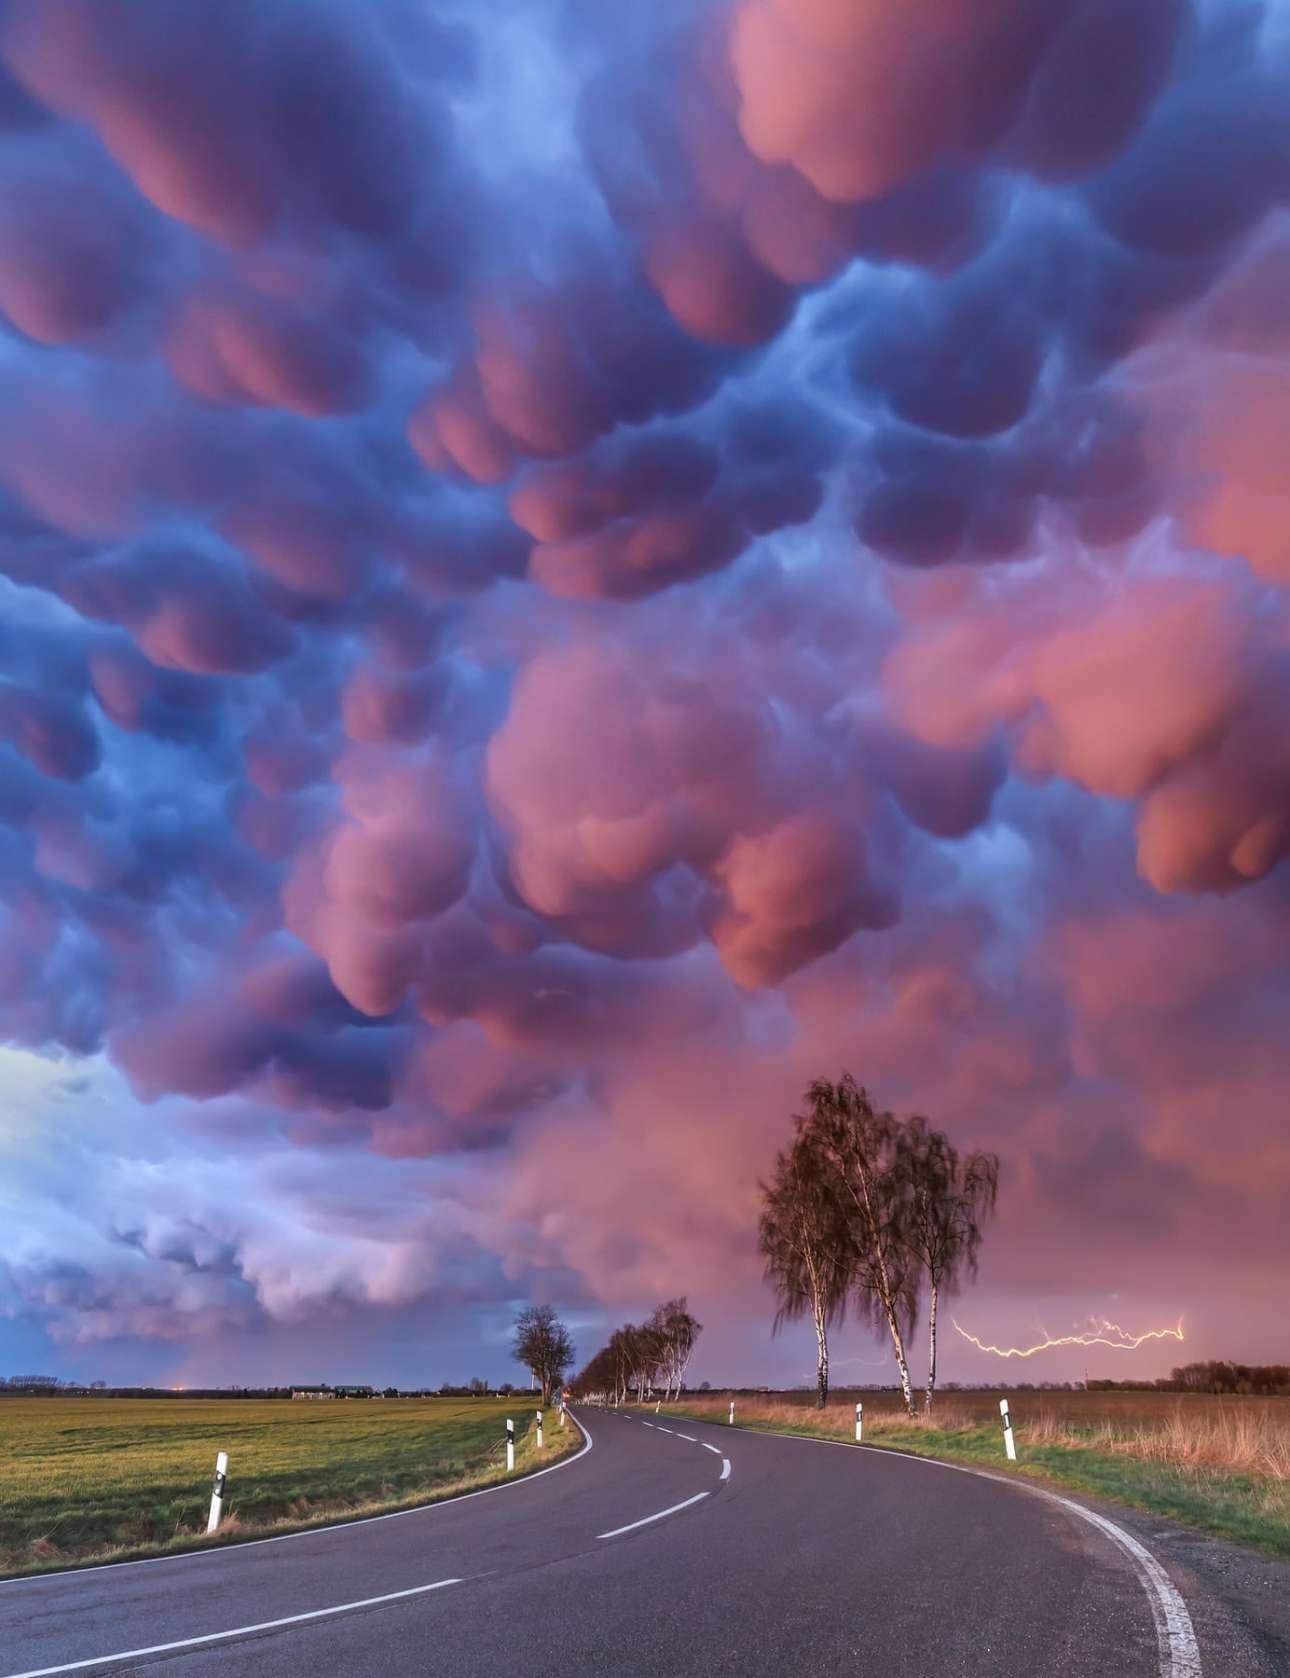 Μαστικά σύννεφα, τα οποία είναι συνήθως προάγγελοι επερχόμενης ισχυρής καταιγίδας, καραδοκούν πάνω από τη Φρανκφούρτη